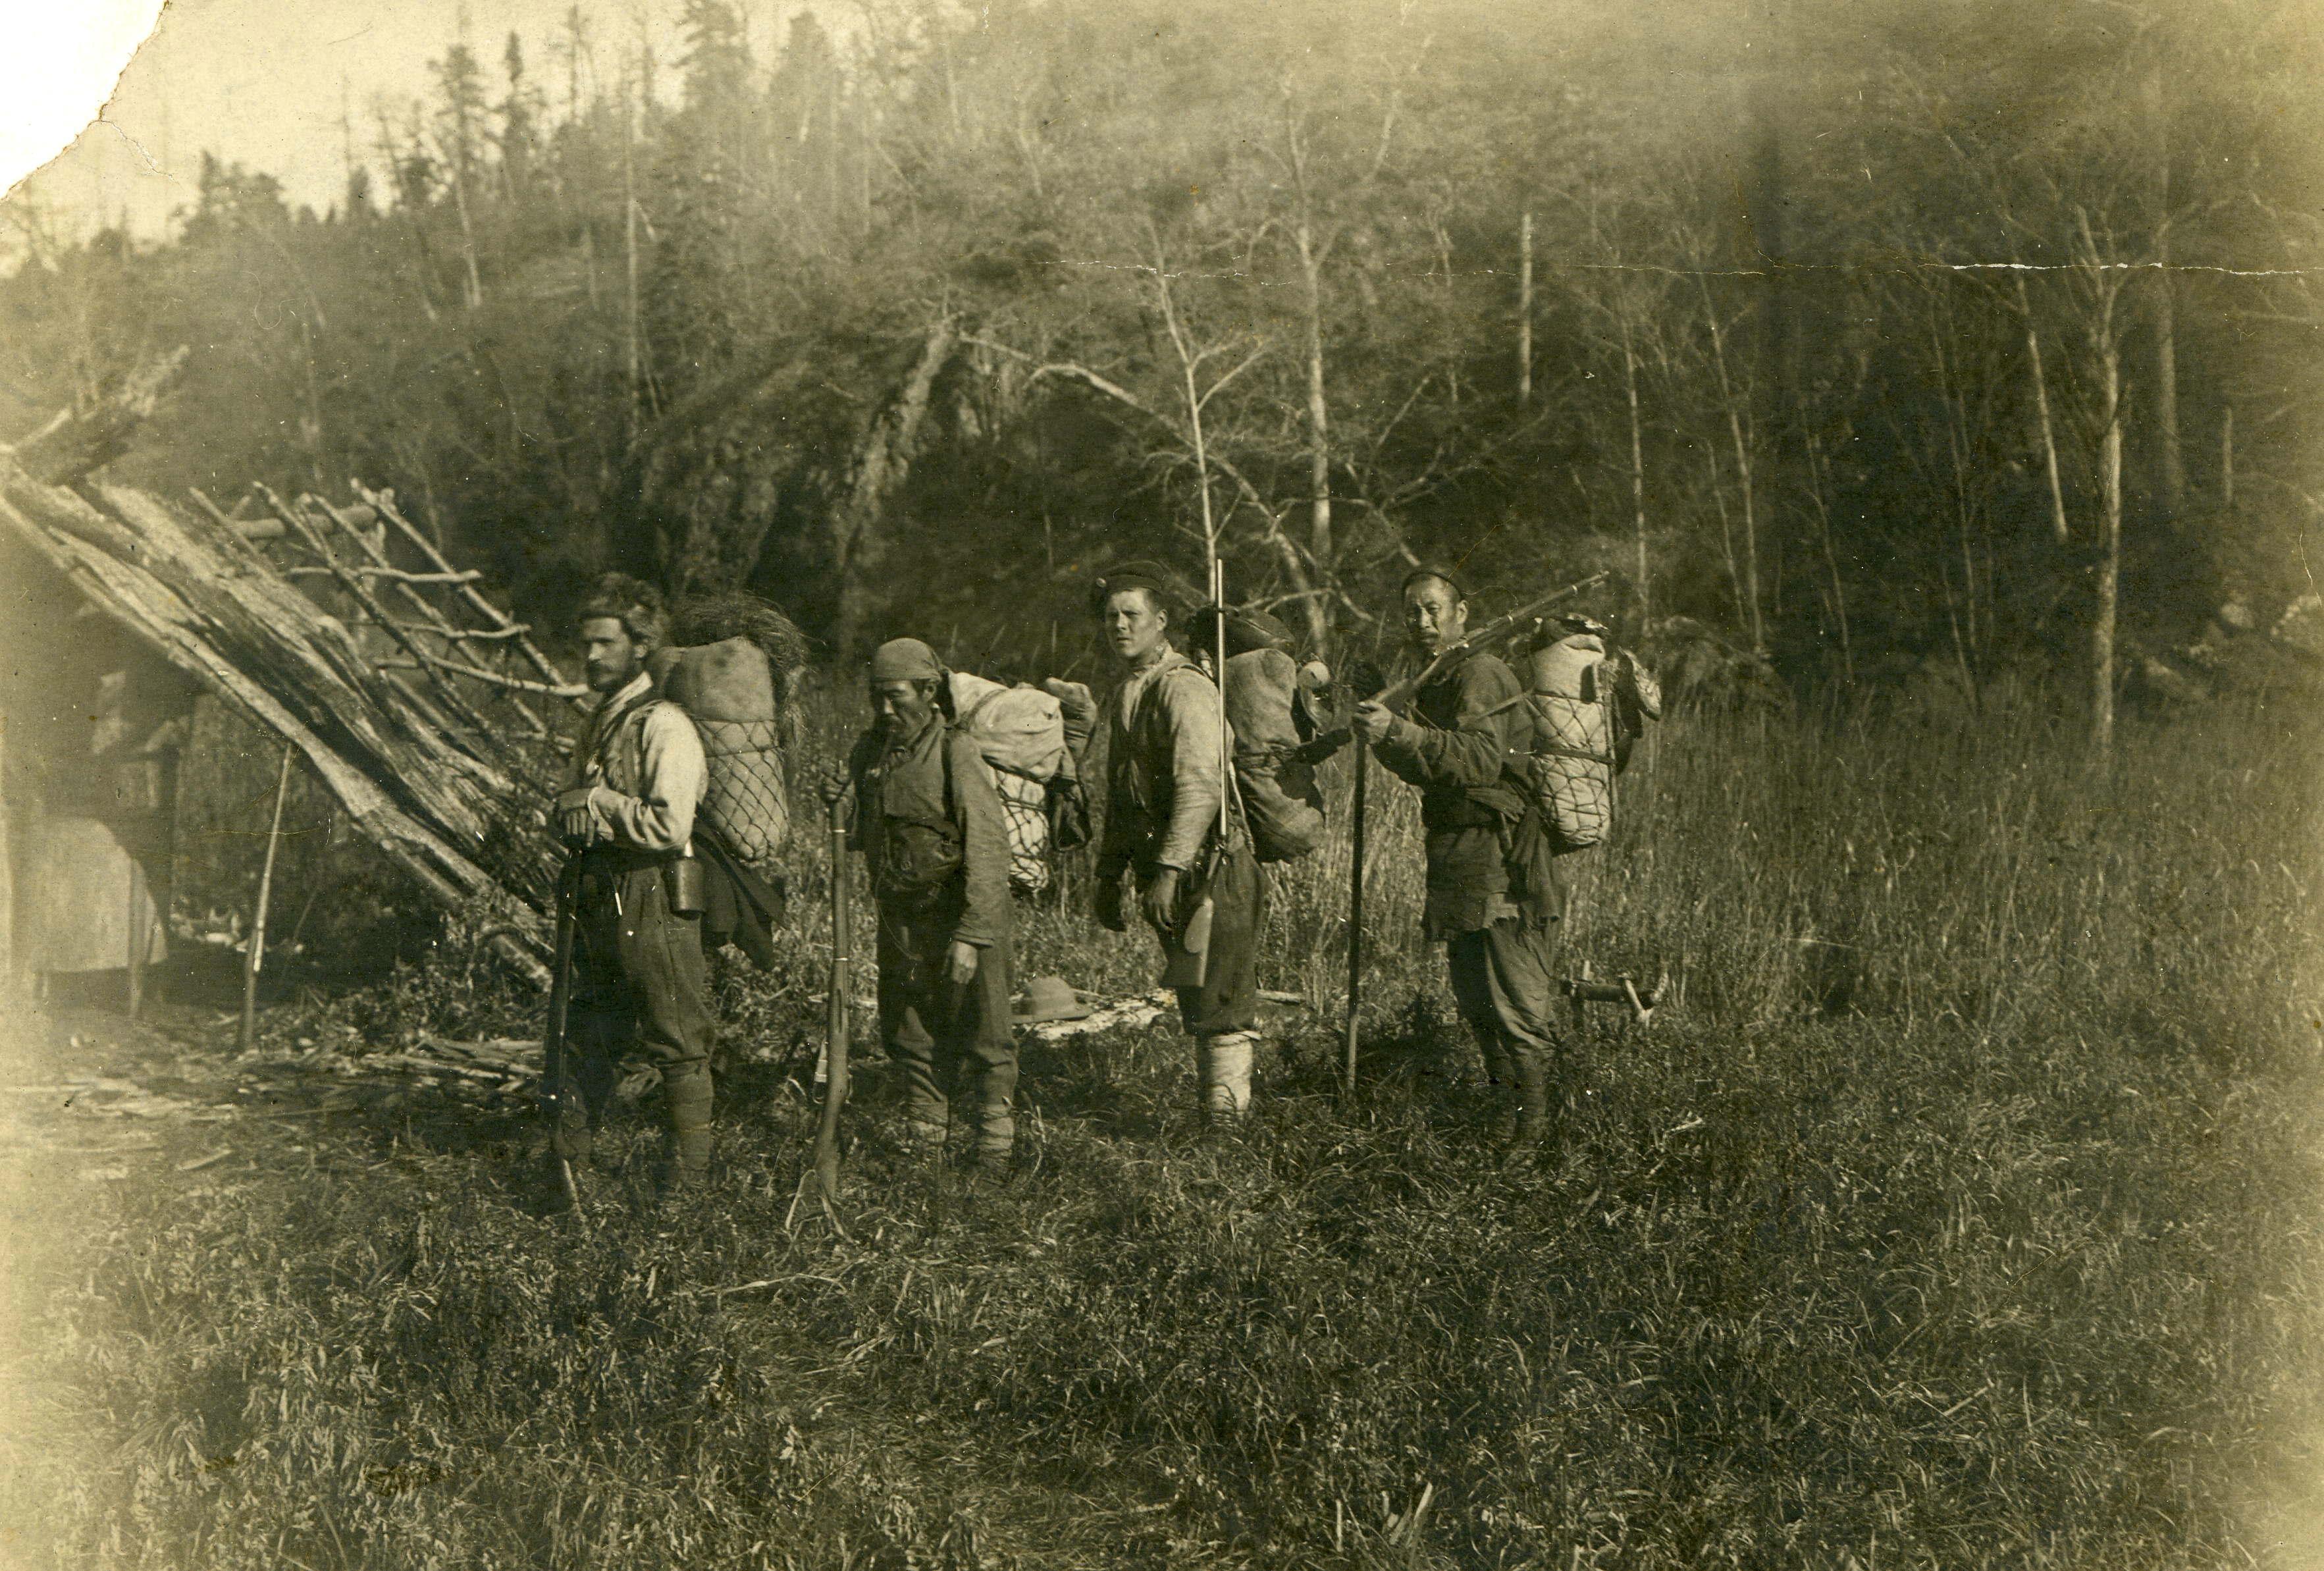 左から、ウラジーミル・アルセーニエフ、デルス・ウザラー、その他の探検の参加者